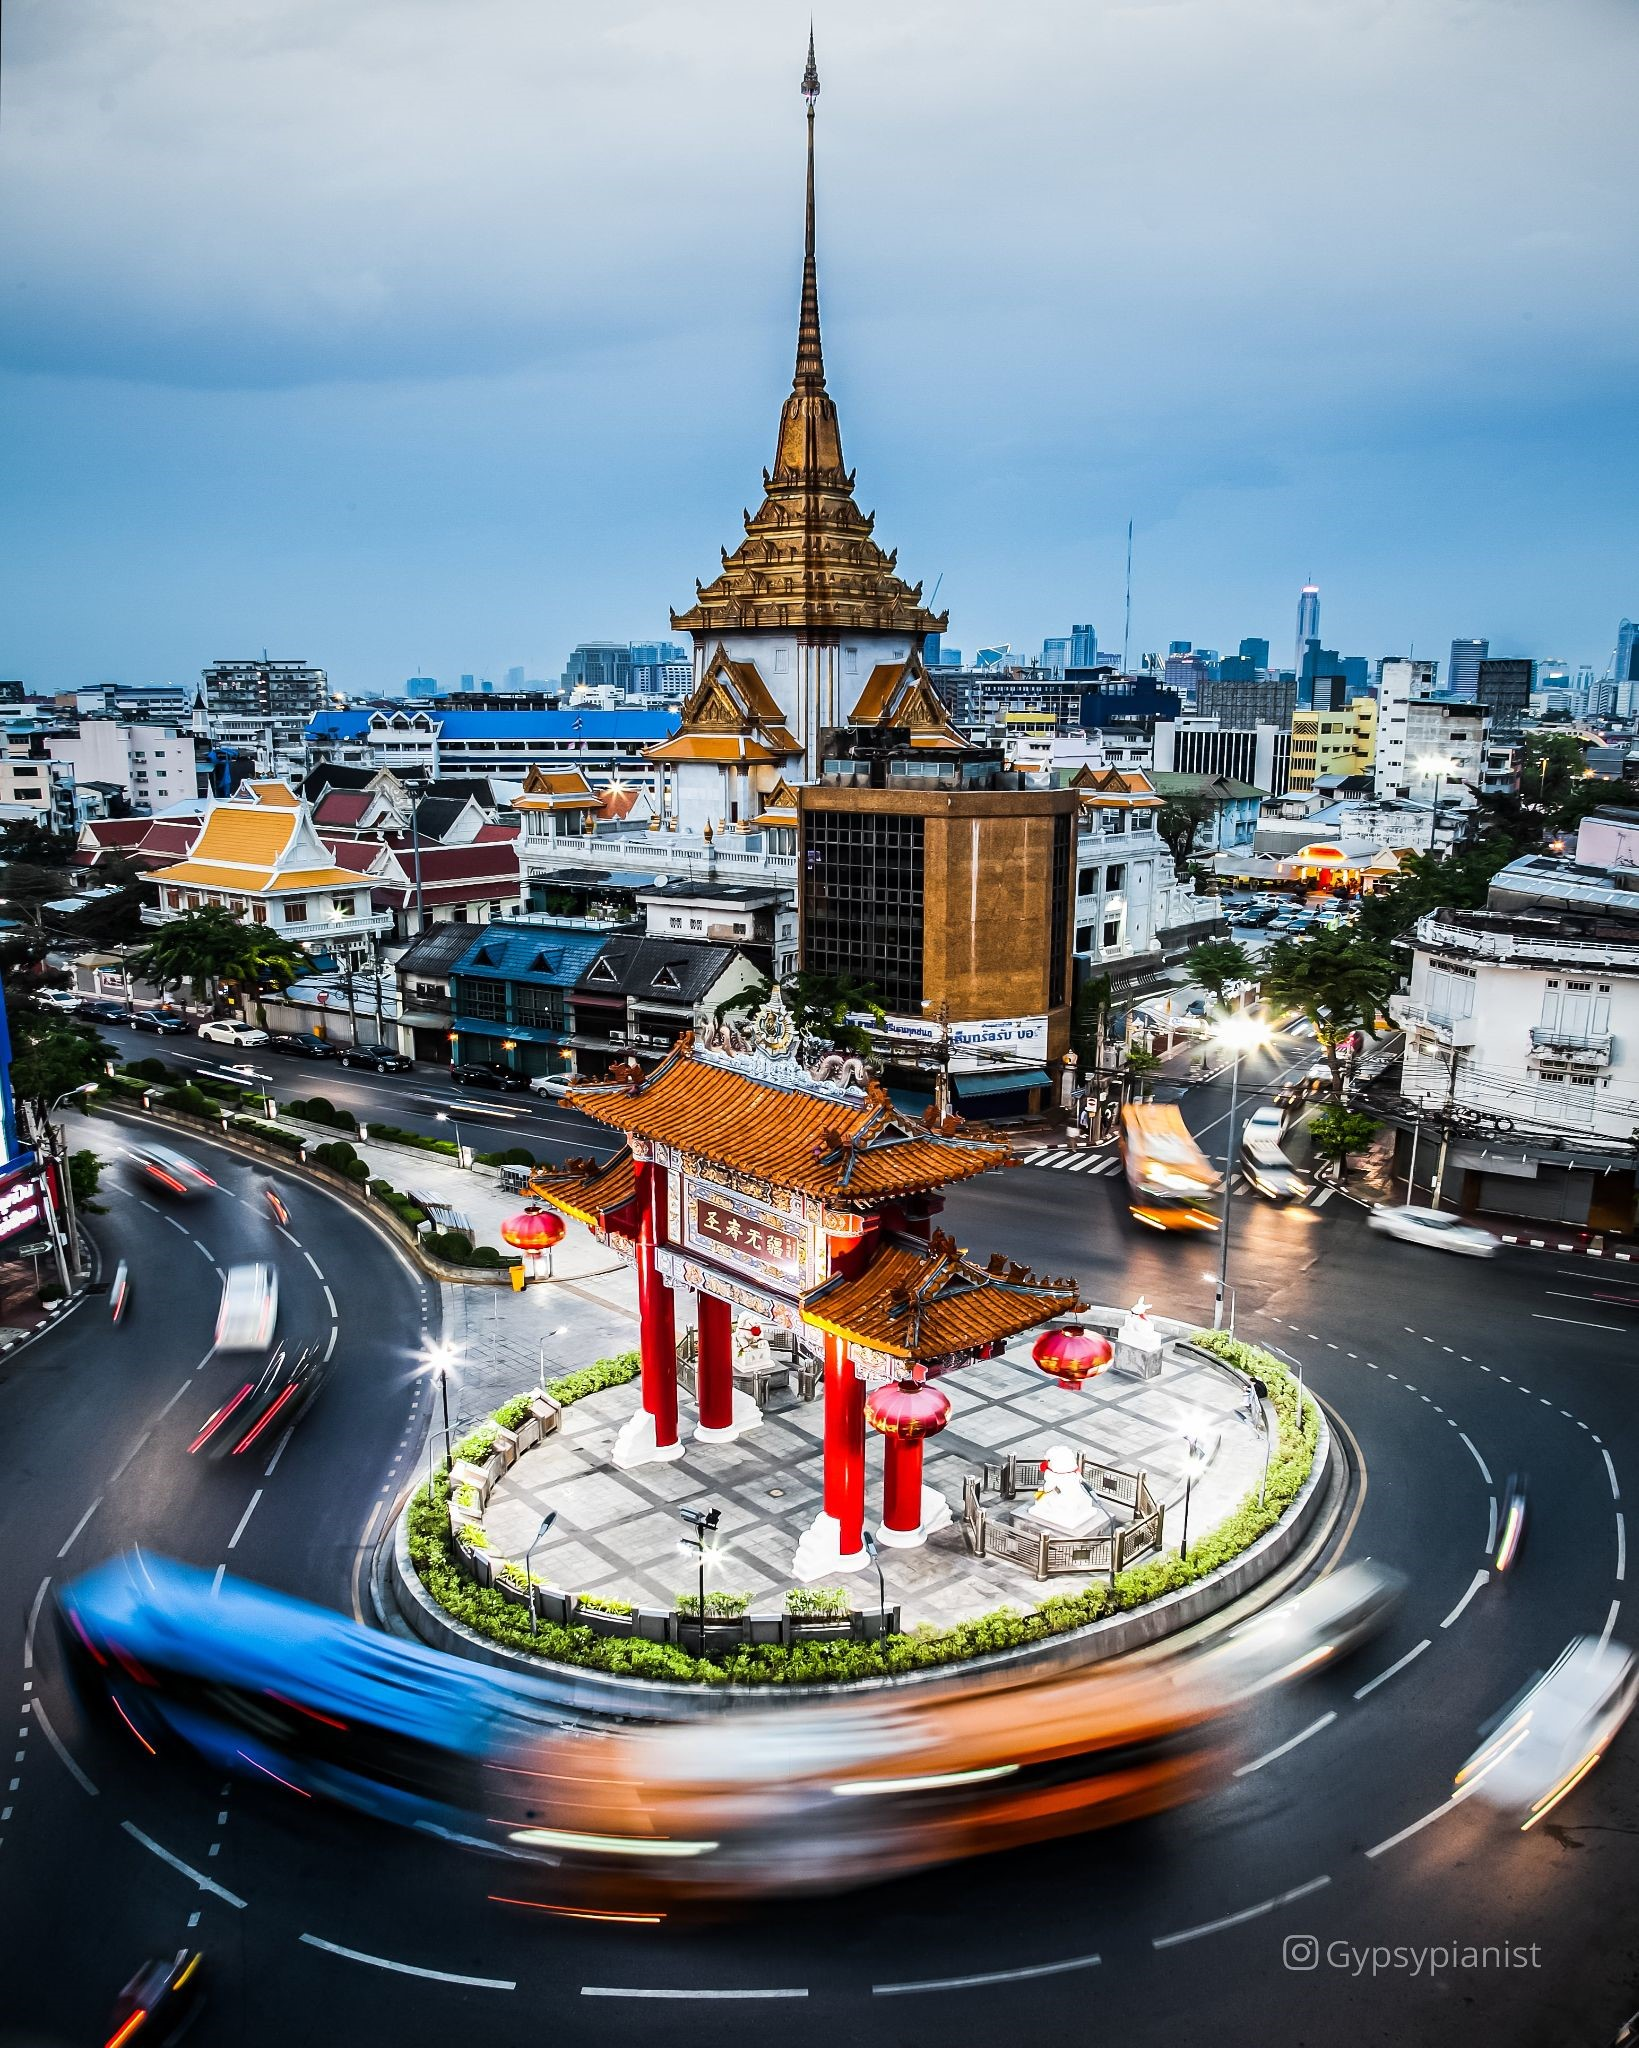 Traffic circle at Chinatown in Bangkok